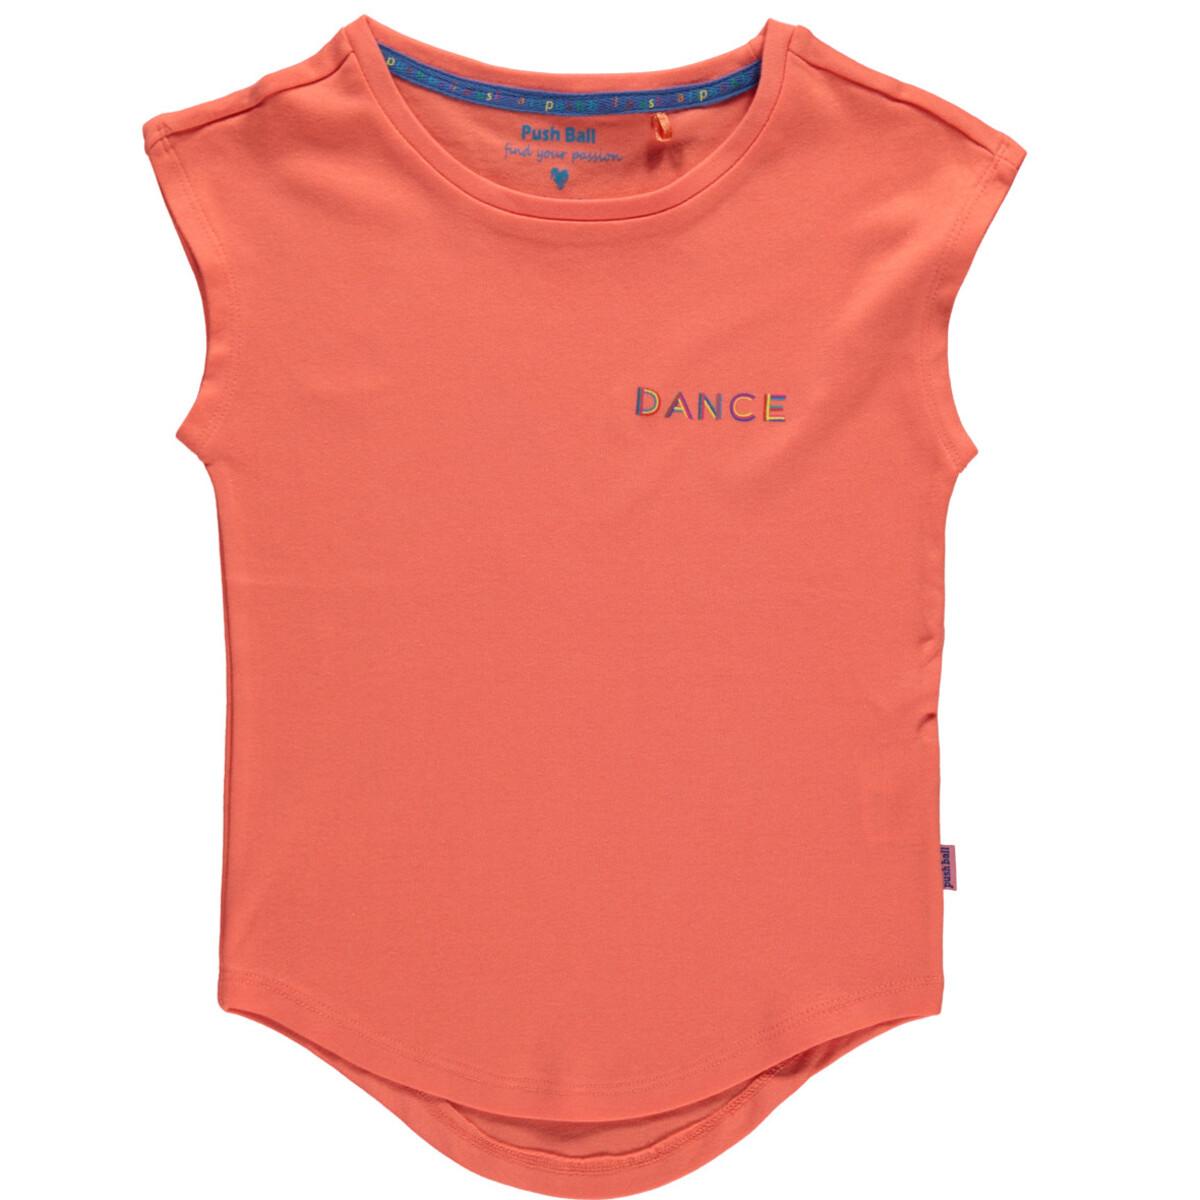 Bild 1 von Mädchen Sport Shirt